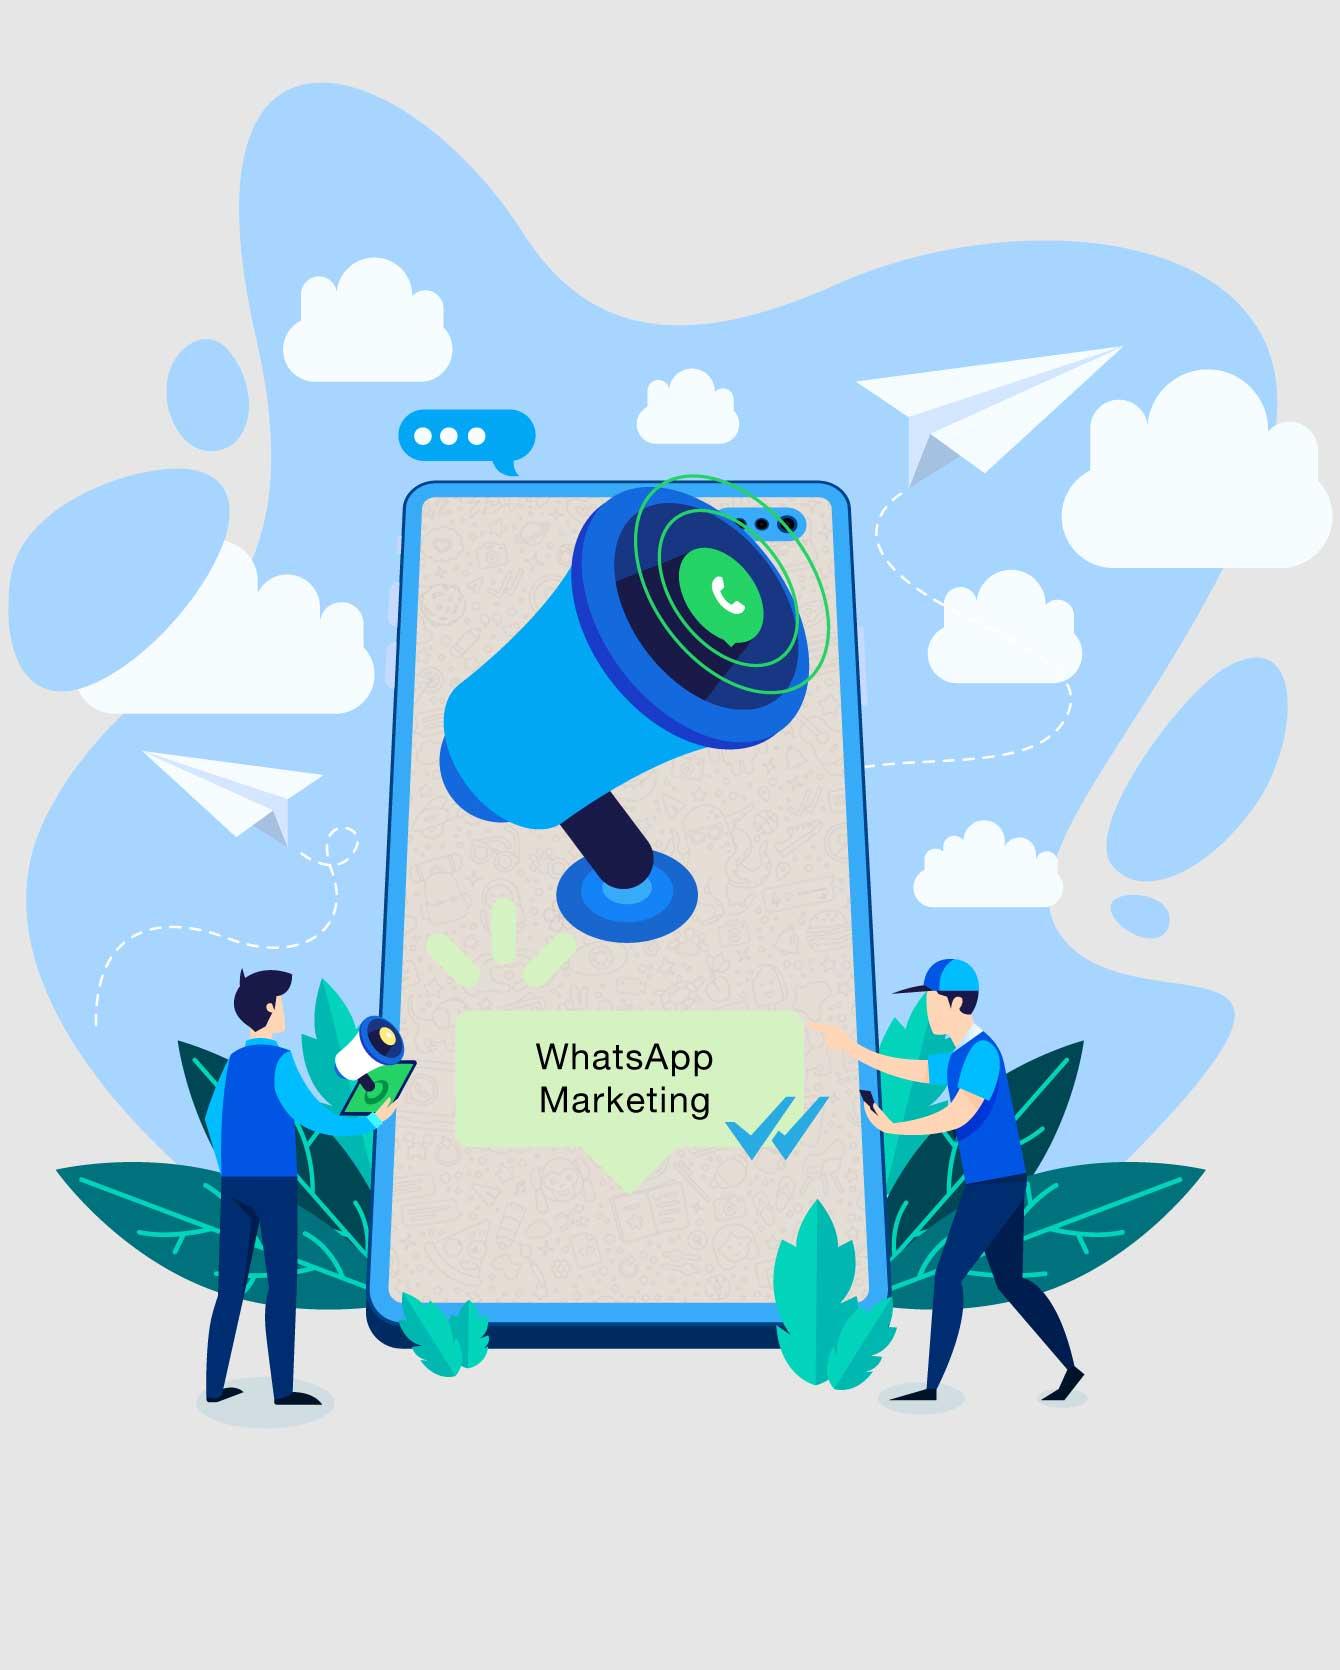 WhatsApp marketing e business: dove si incontrano queste realtà?